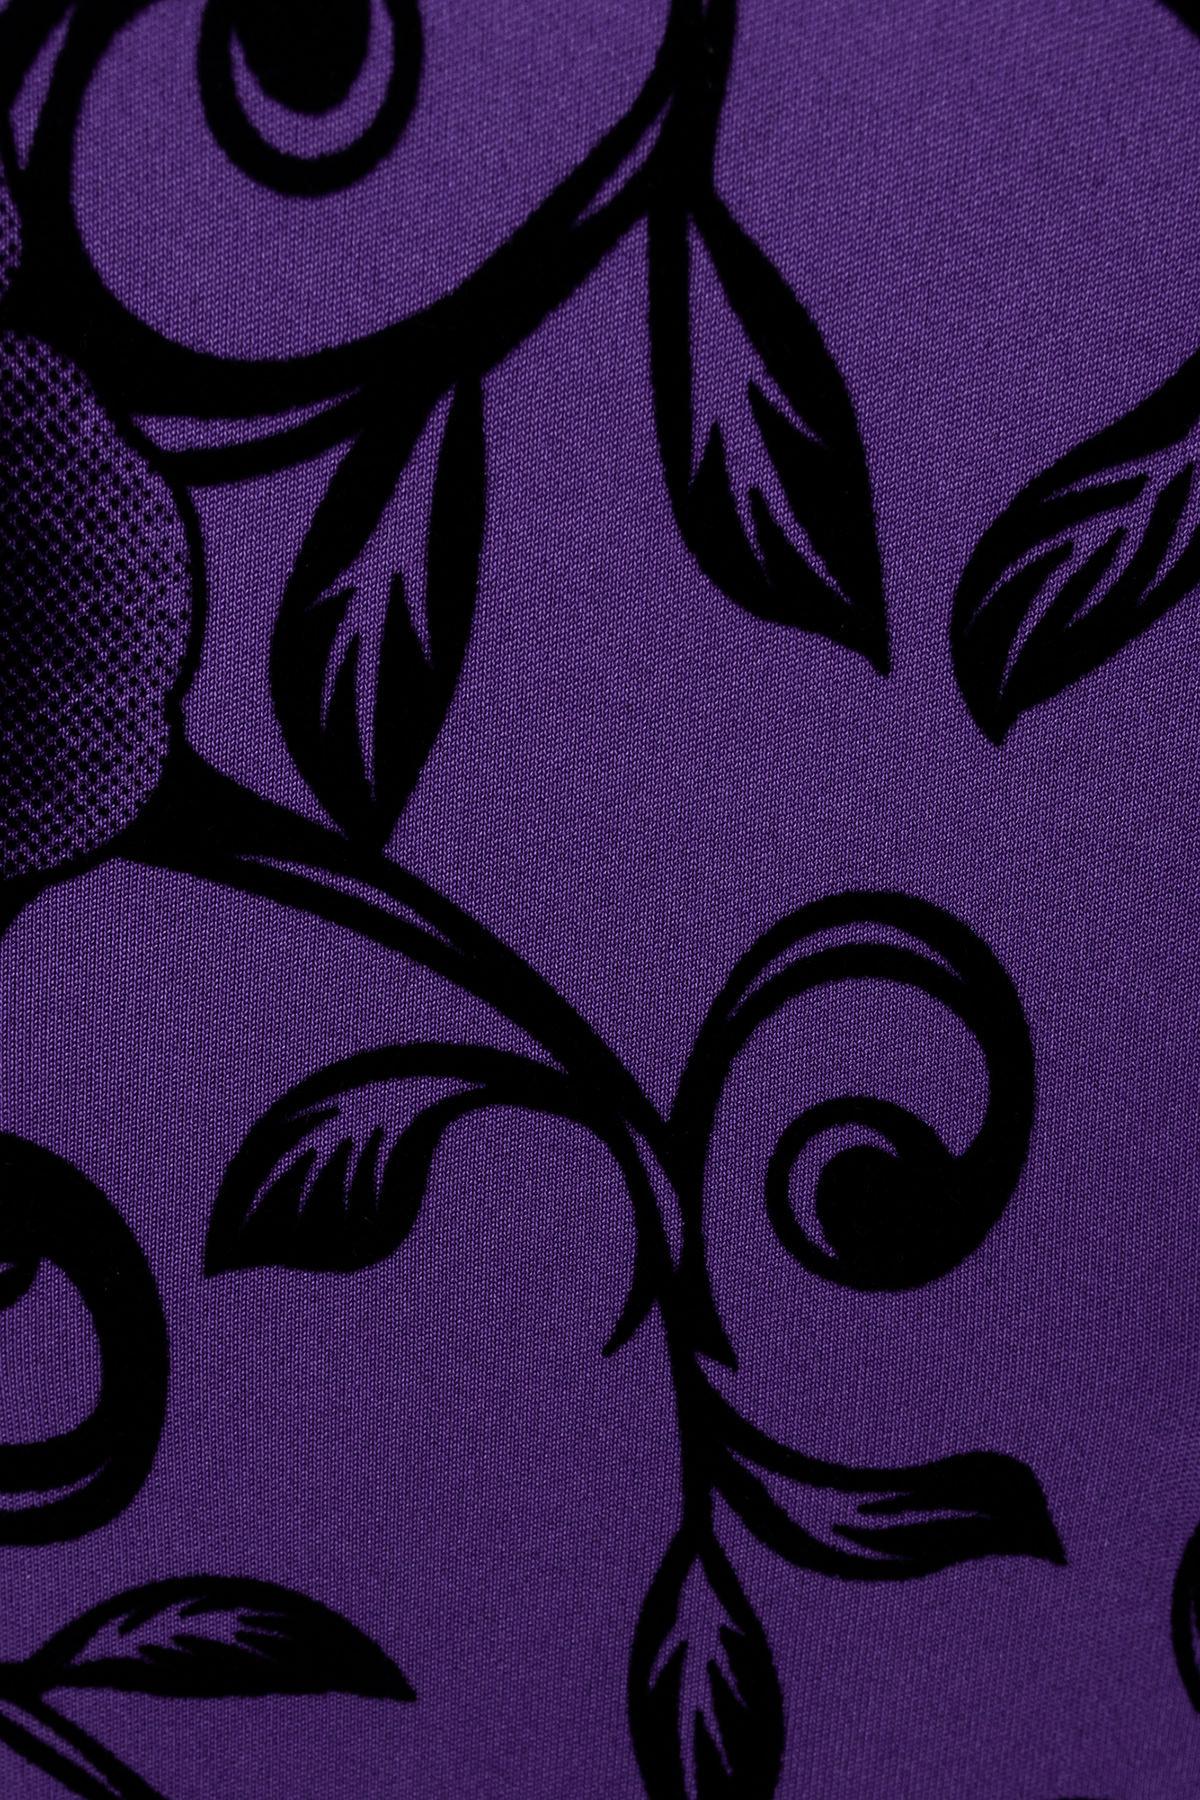 Платье Шамбор 1362  АРТ. 8868 Цвет: Фиолет Розы черн 5 - фото 4, интернет магазин tm-modus.ru